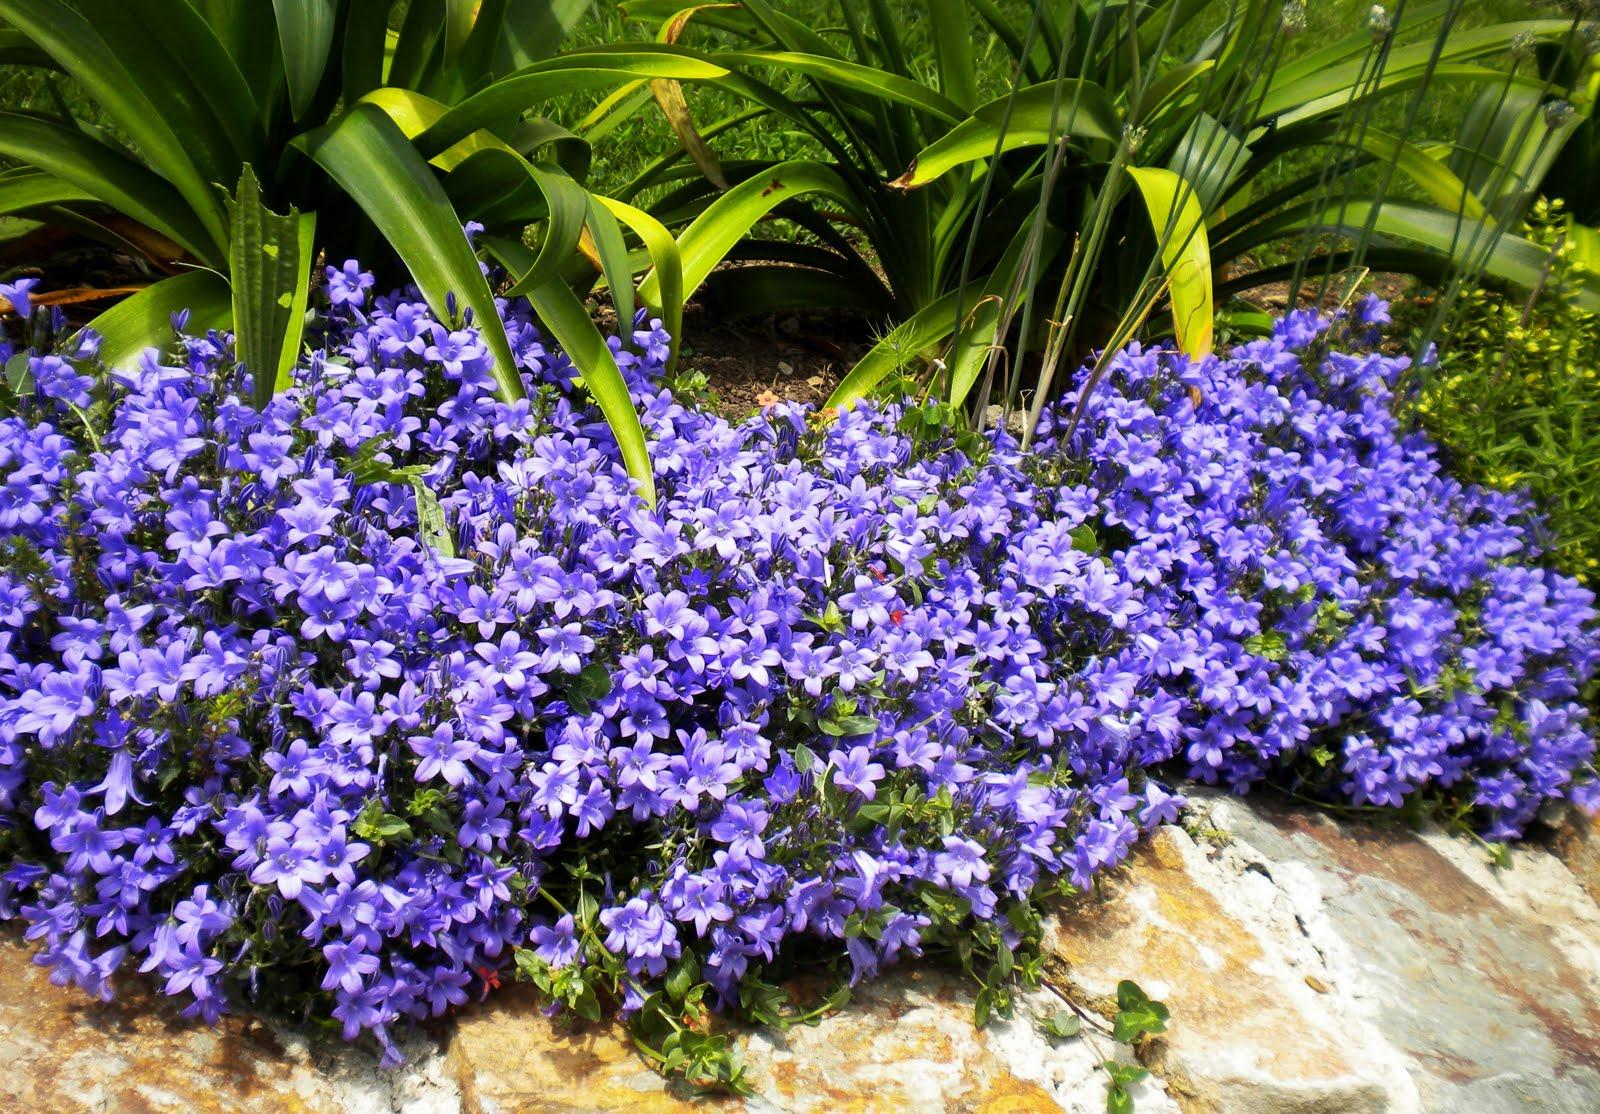 El jard n de margarita herb ceas - Plantas para el jardin todo el ano ...